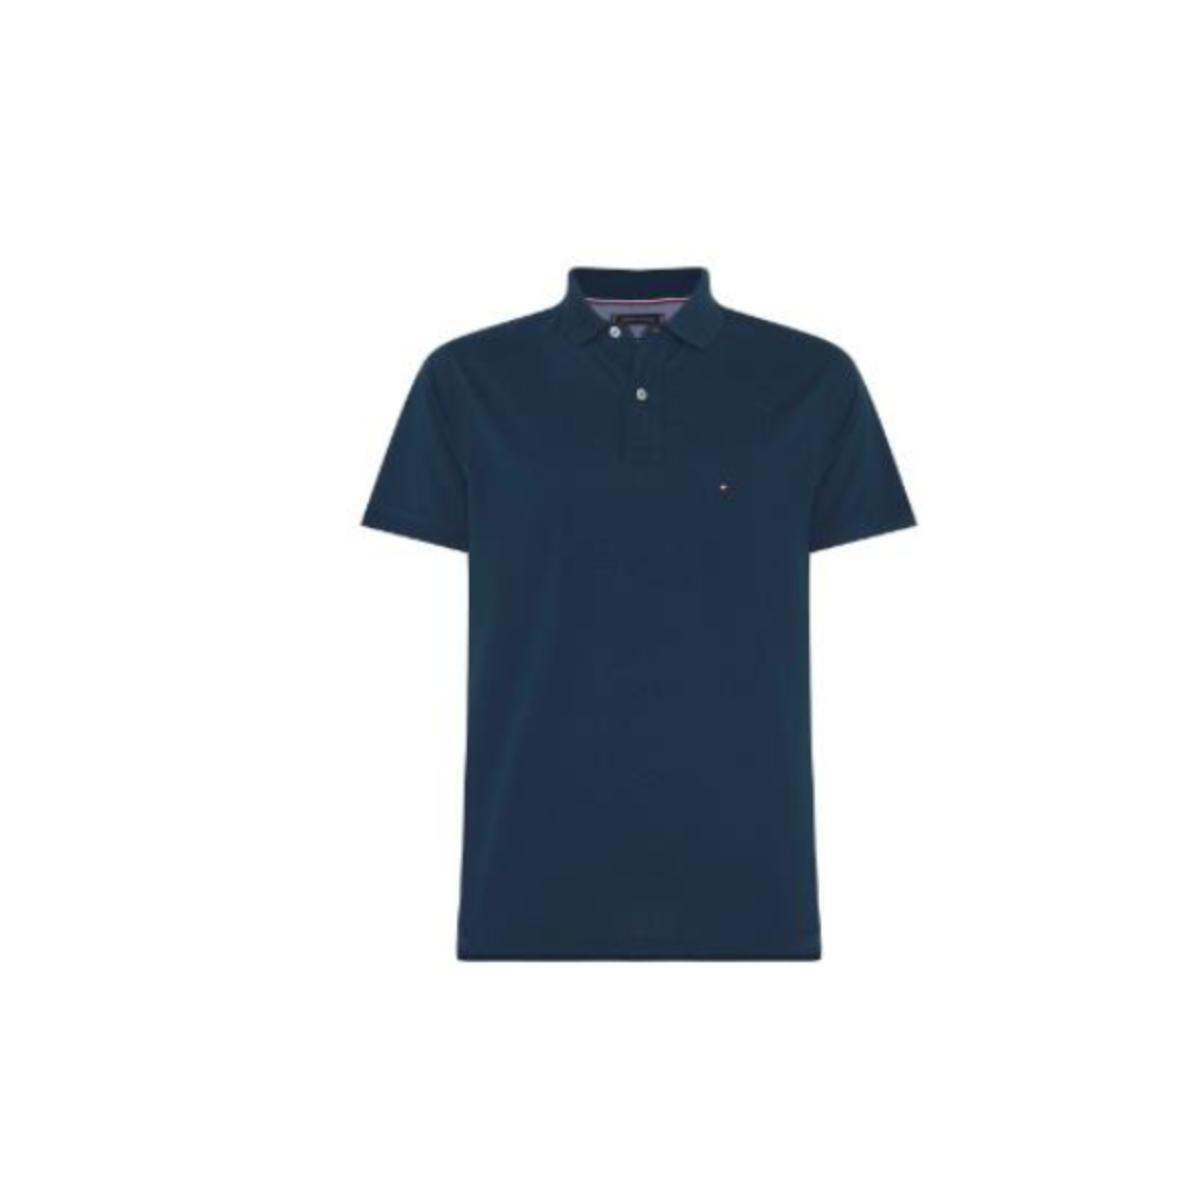 Camiseta Masculina Tommy Thmw0mw10765 Thc74 Petróleo